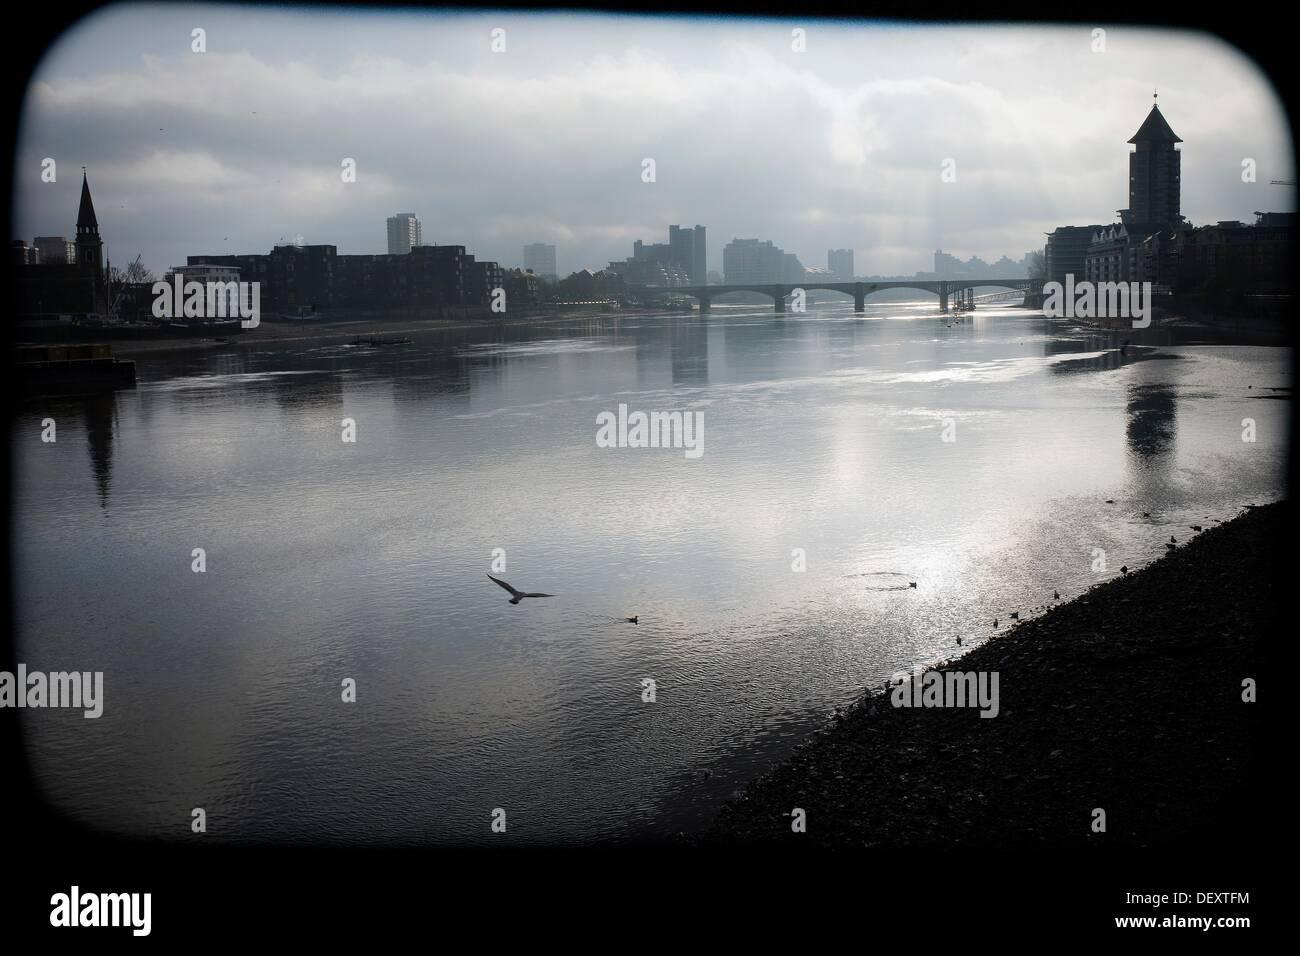 Silueta de Londres, vista del Rio Tamesis, Inglaterra, Reino Unido, perfil de Londres, el Río Támesis, Inglaterra, Foto de stock